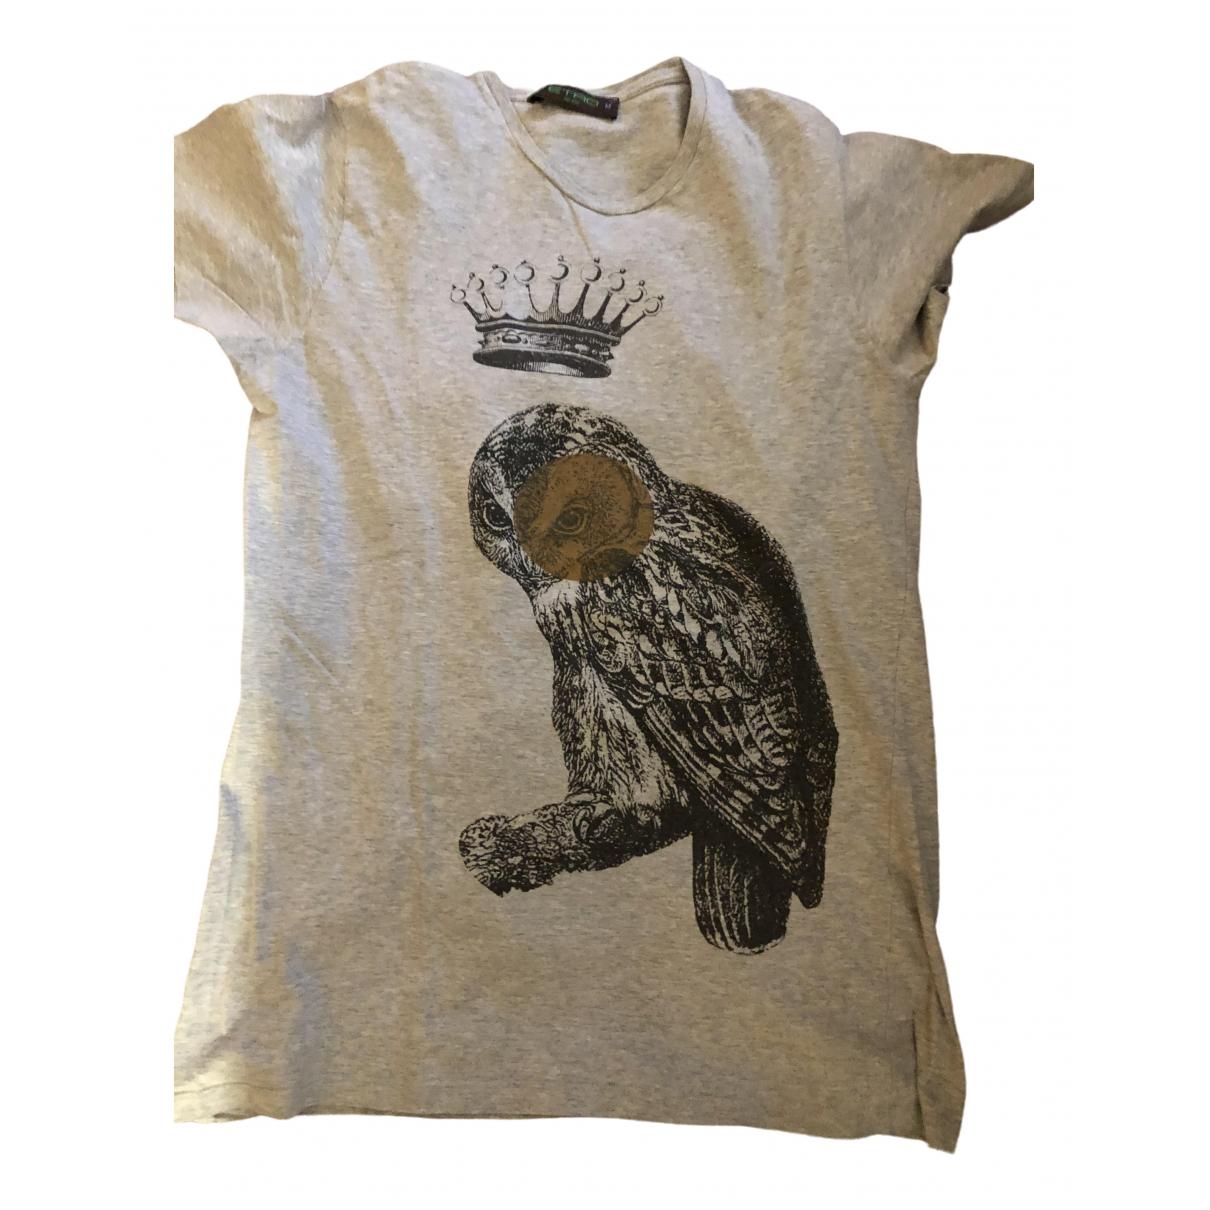 Etro - Tee shirts   pour homme en coton - gris